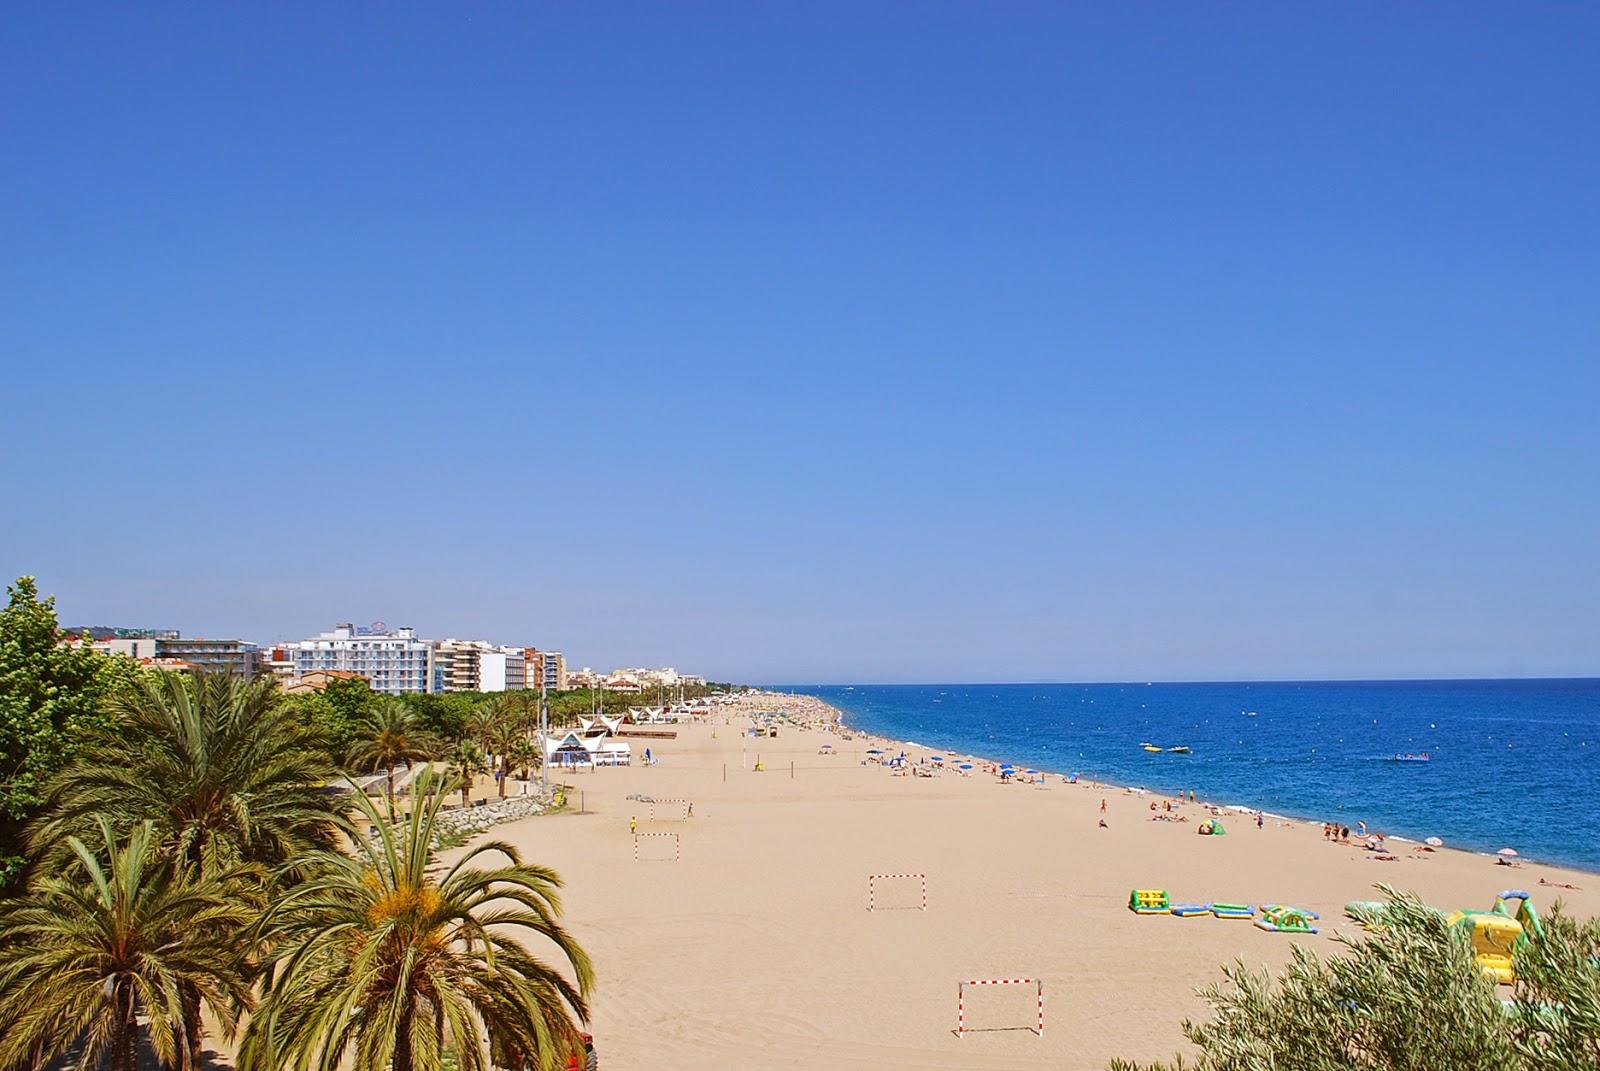 Калелья, Коста дель Маресме, Каталония, Испания. Calella, Costa del Maresme, Catalonia, Spain